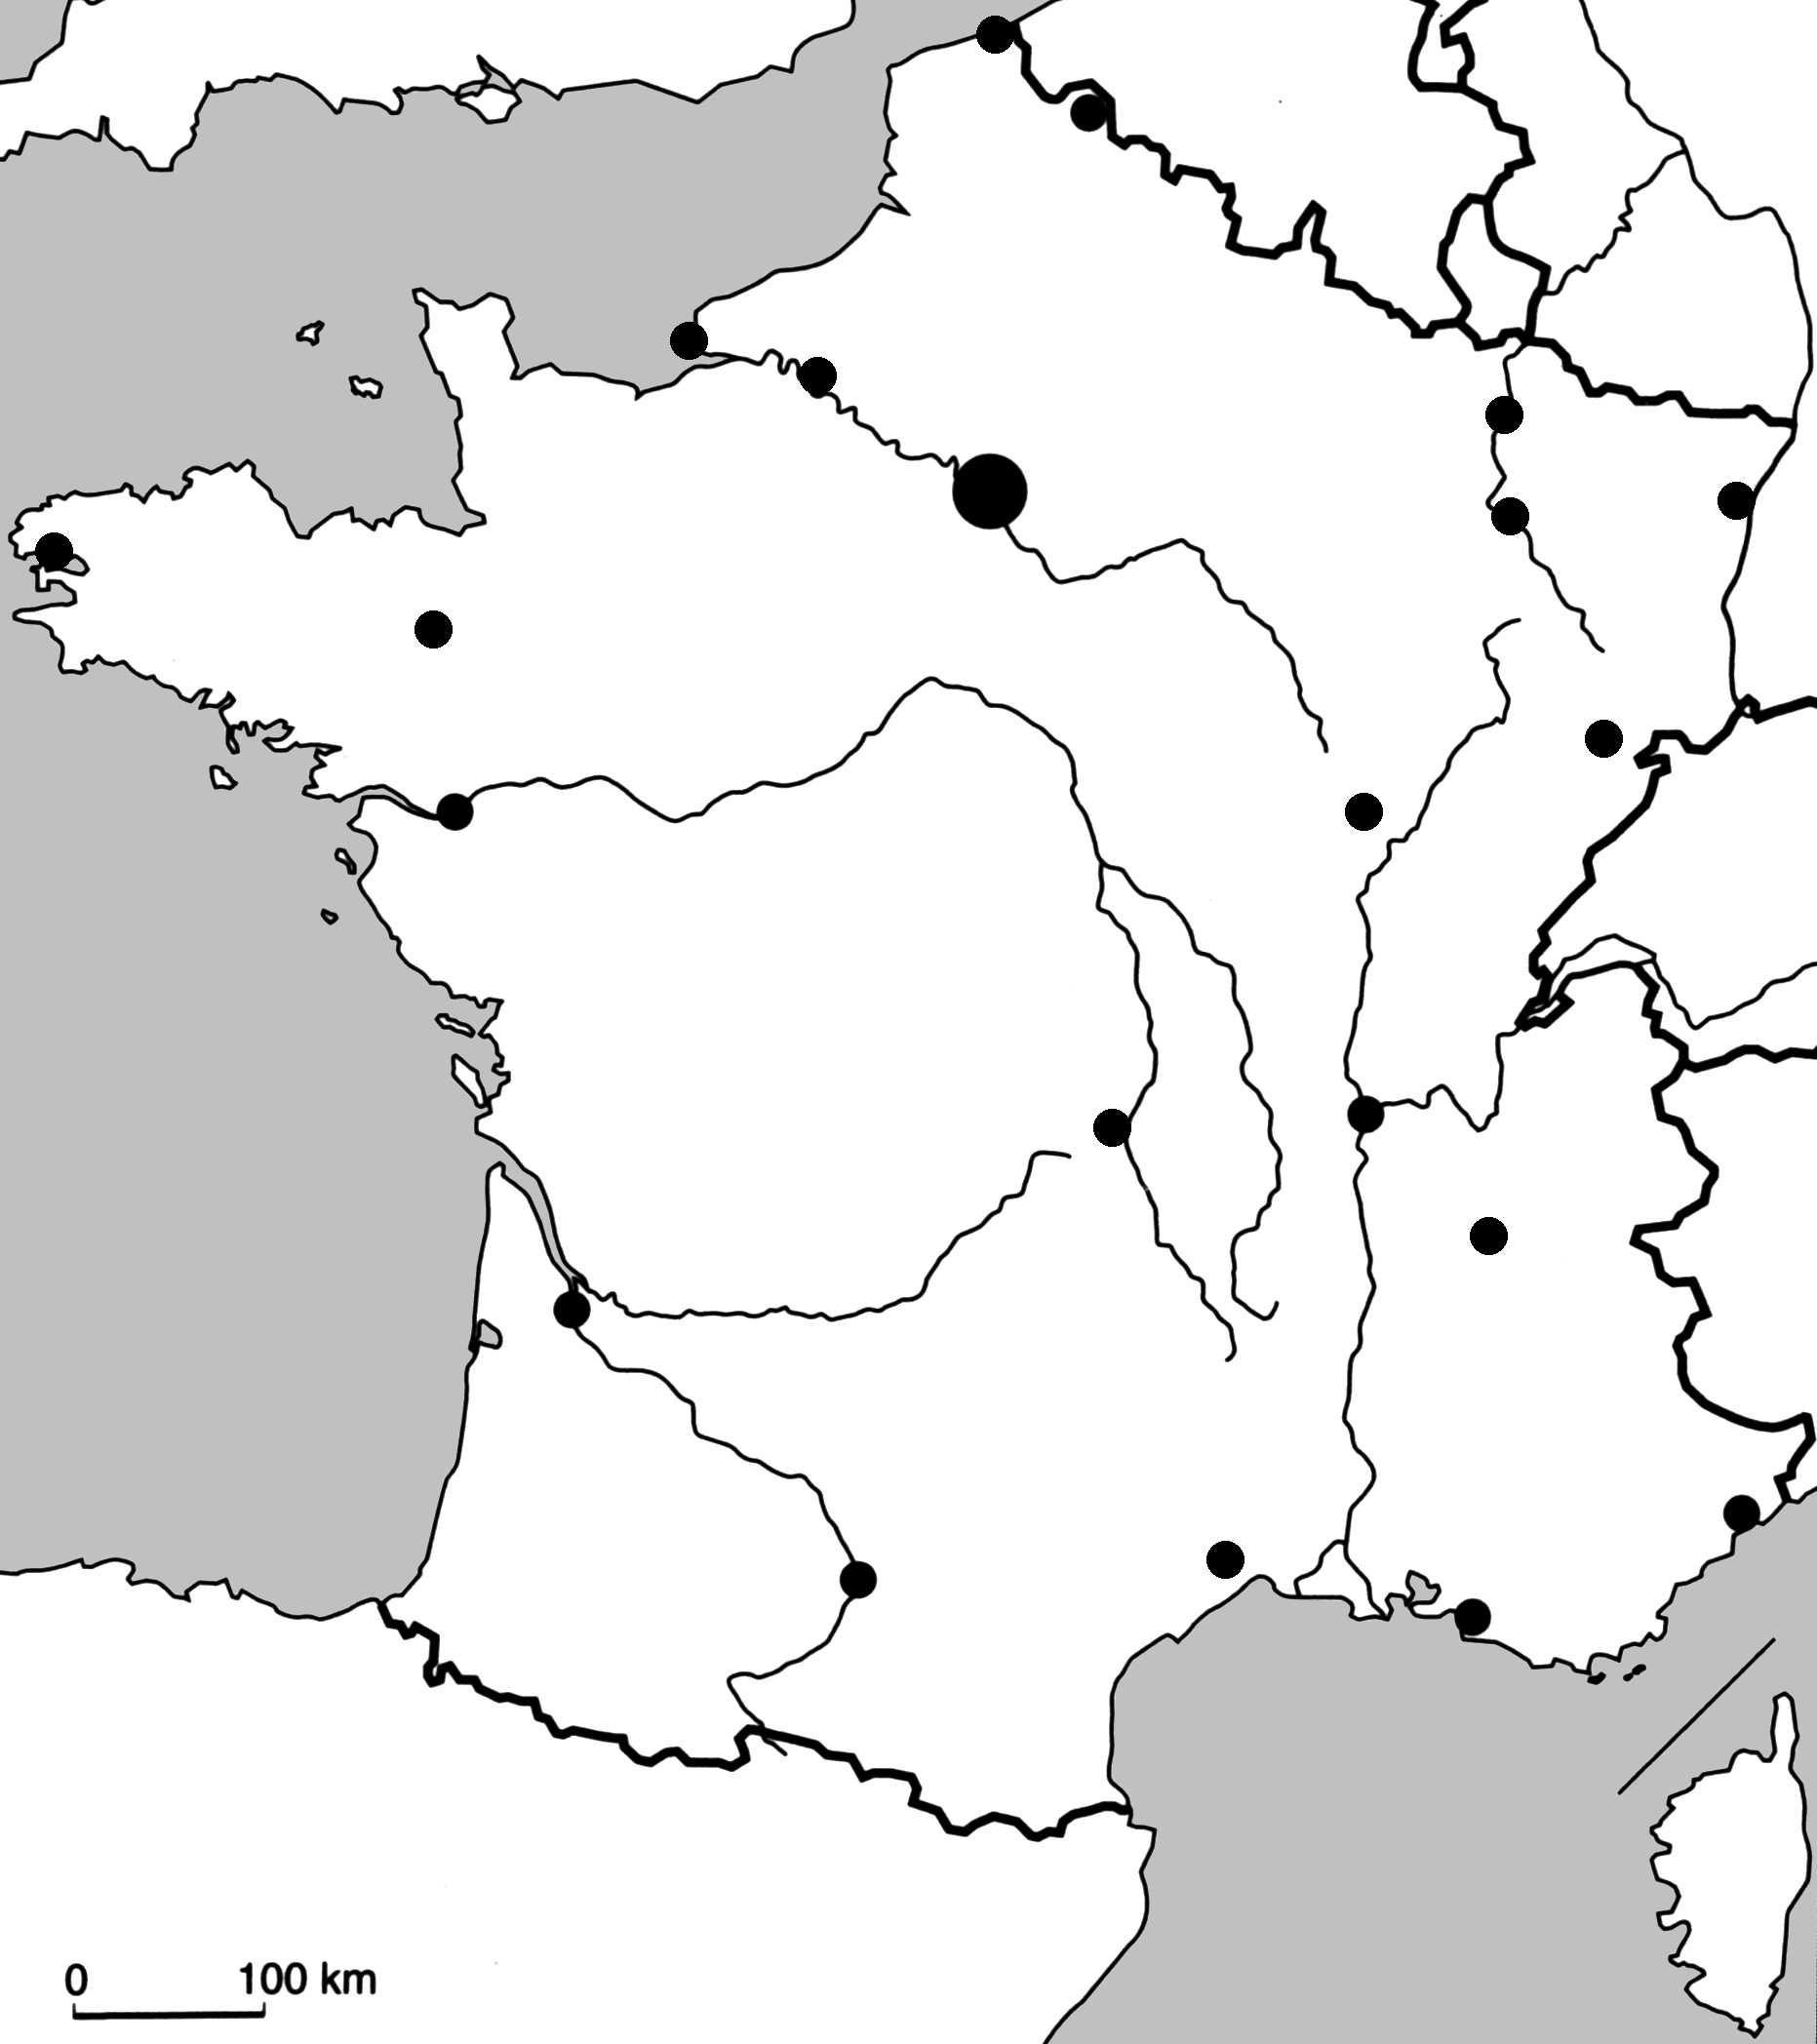 Afficher L'image D'origine | Carte France Vierge, Fleuve De avec Carte Vierge De France